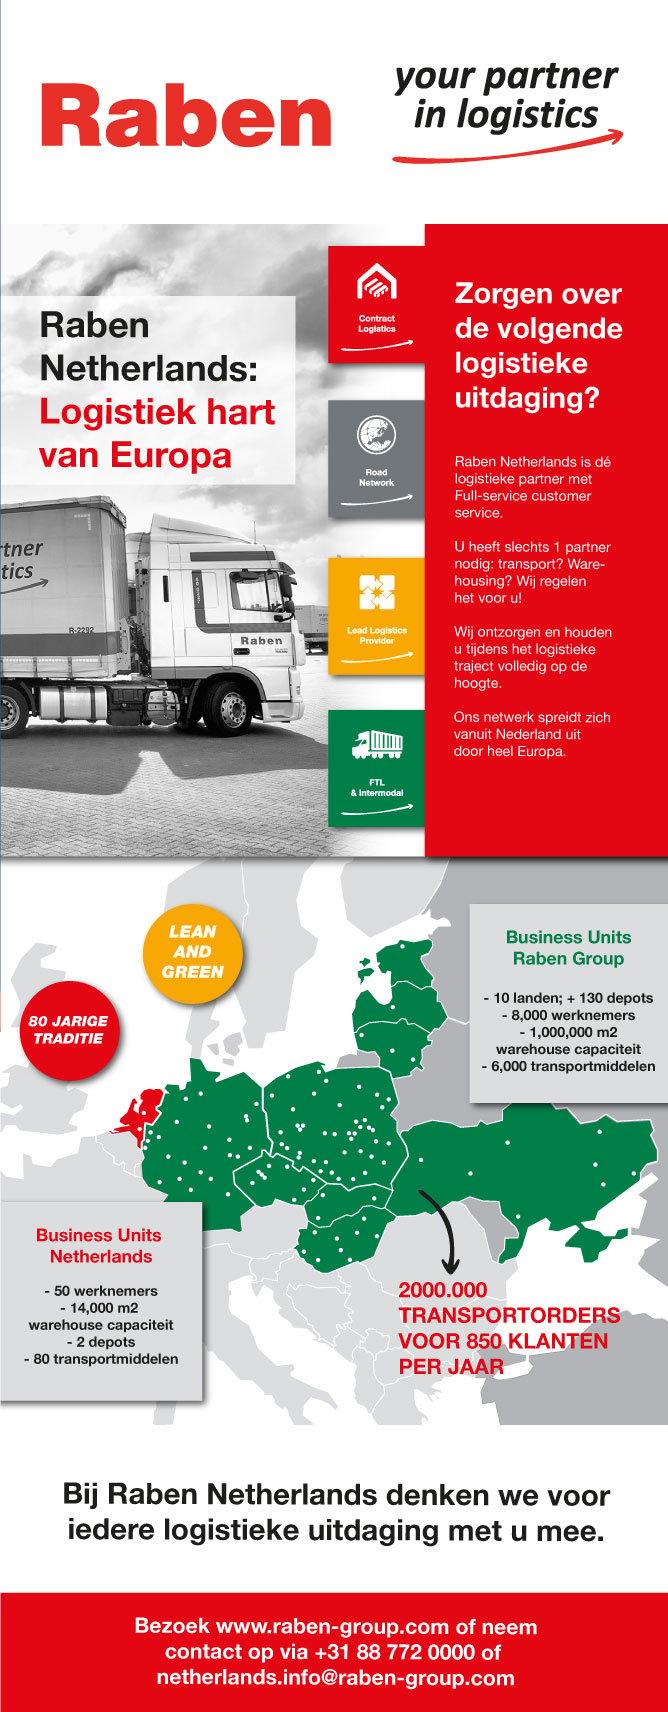 raben logistiek hart van europa